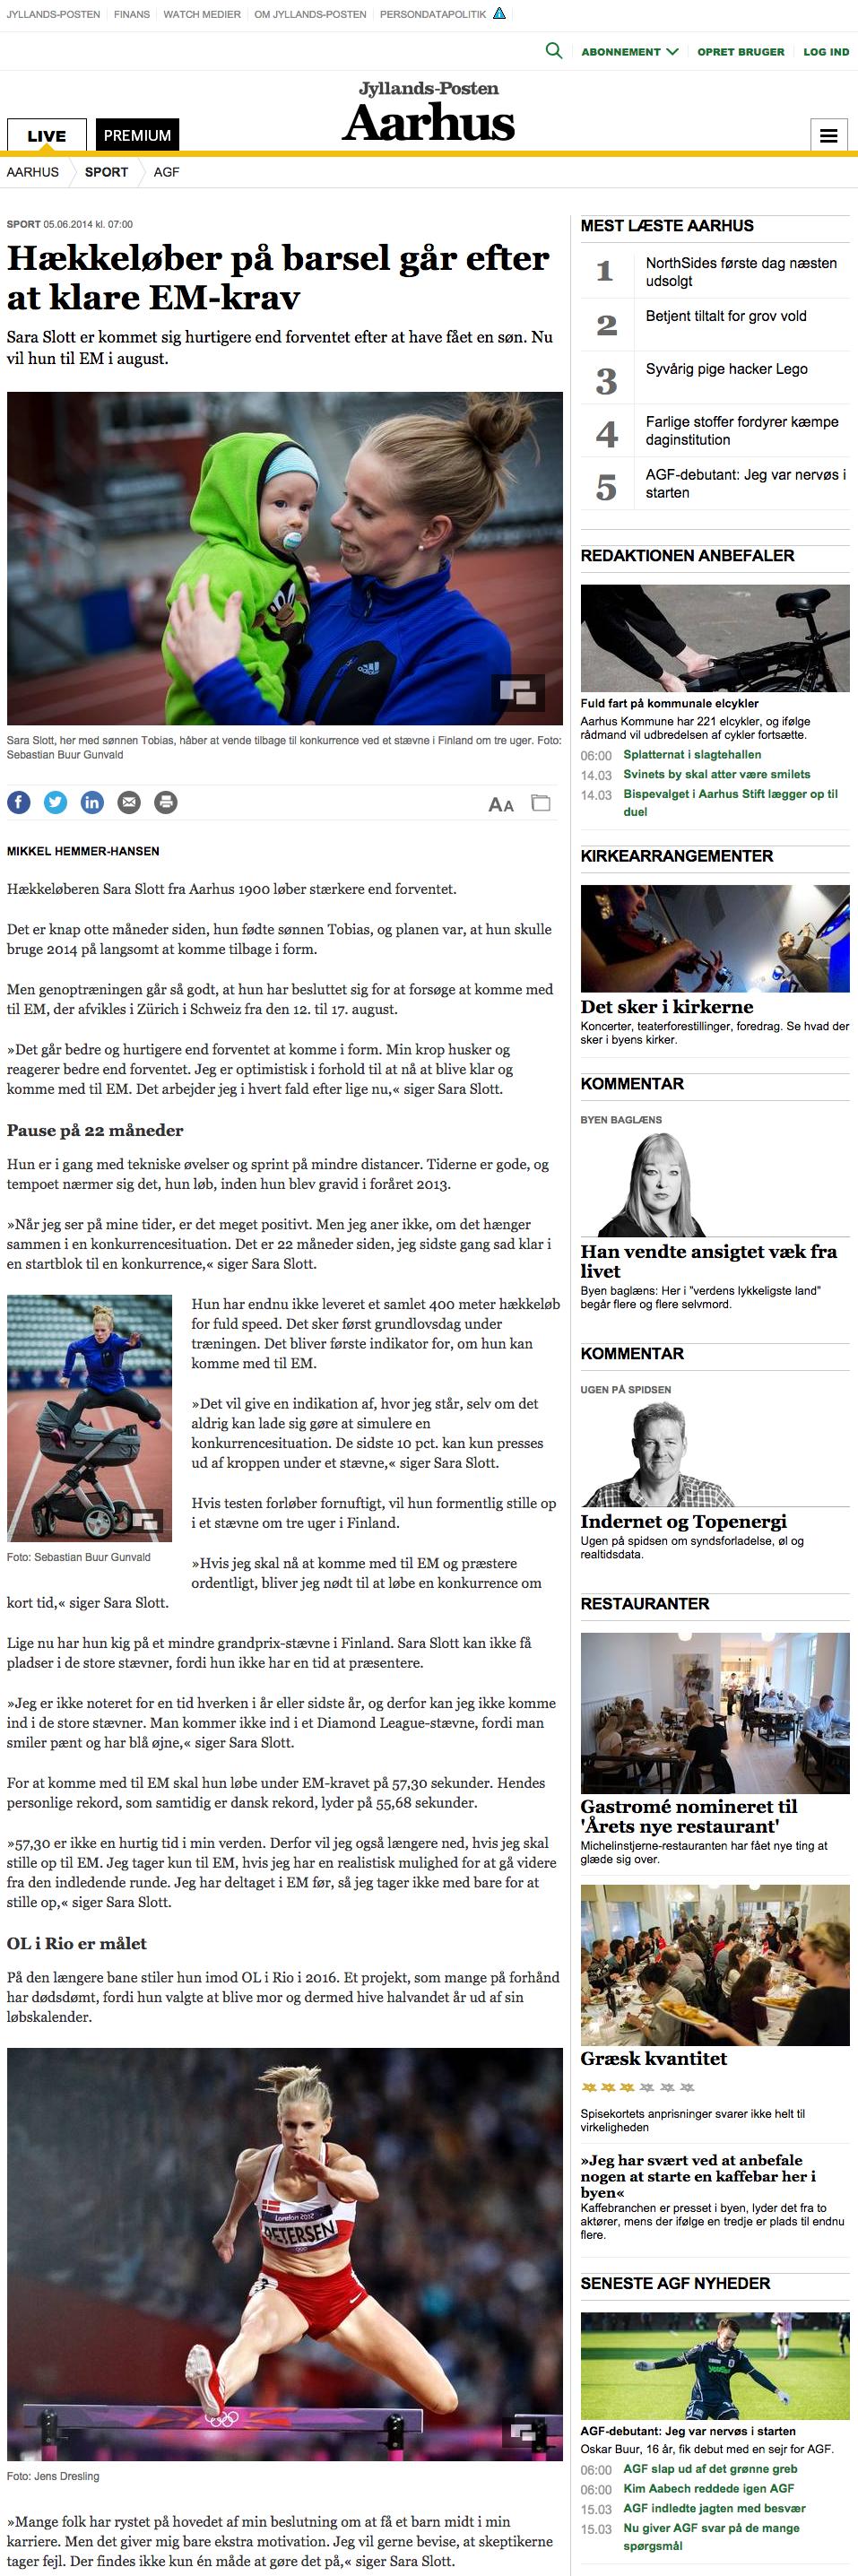 Hækkeløber på barsel går efter at klare EM-krav - Sport - Aarhus